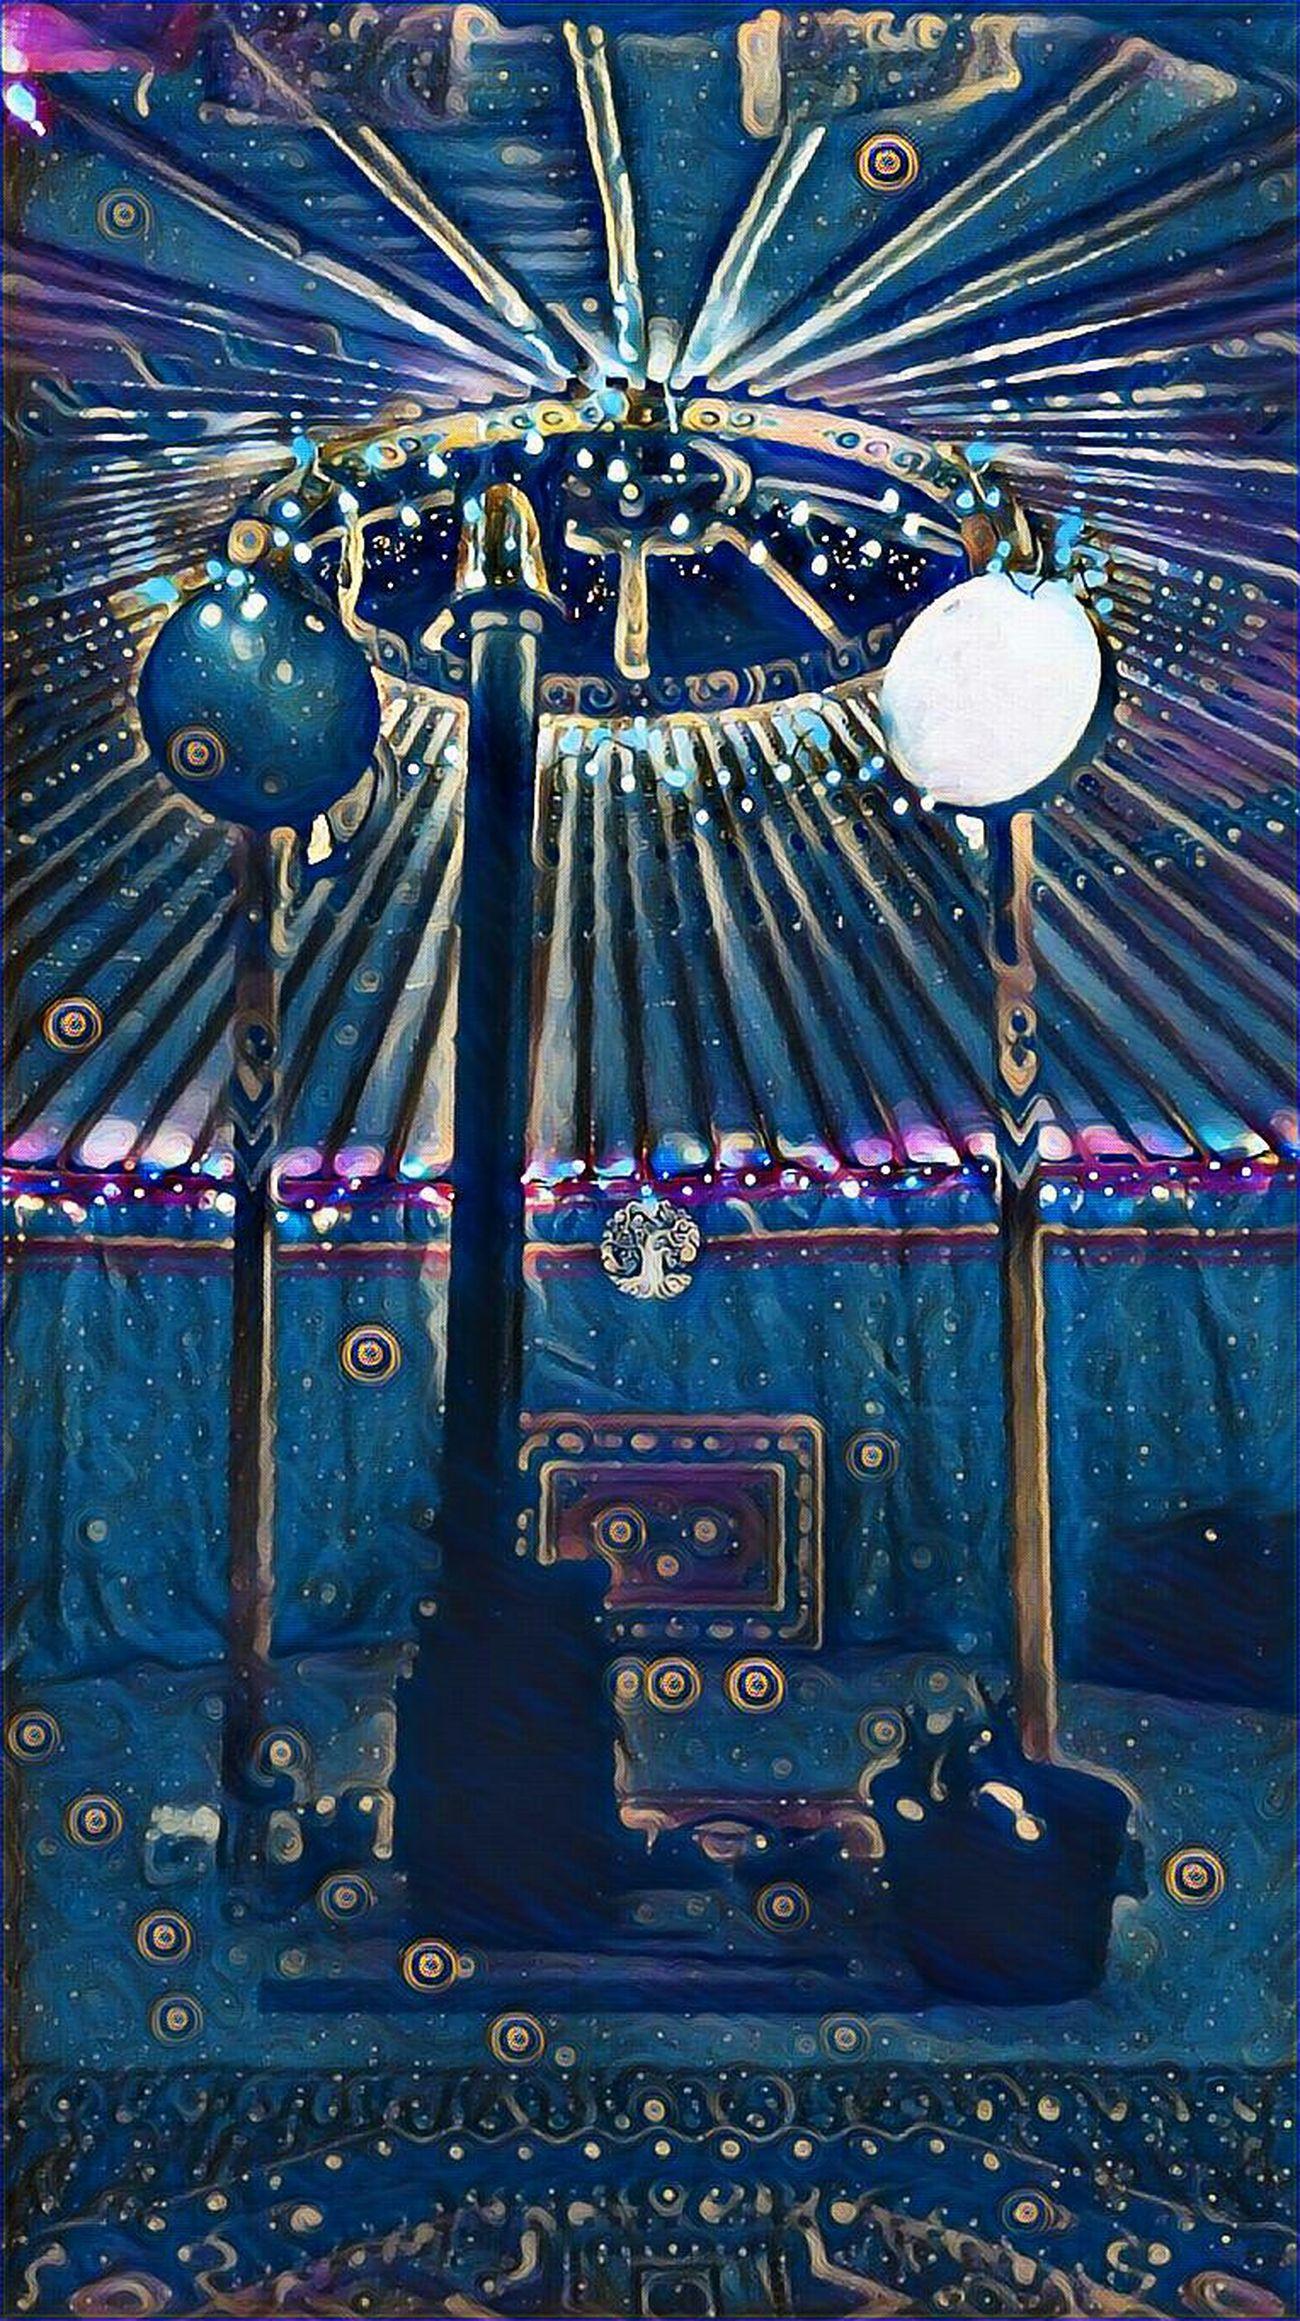 Yurtlife Yurt Interior Magick Digital